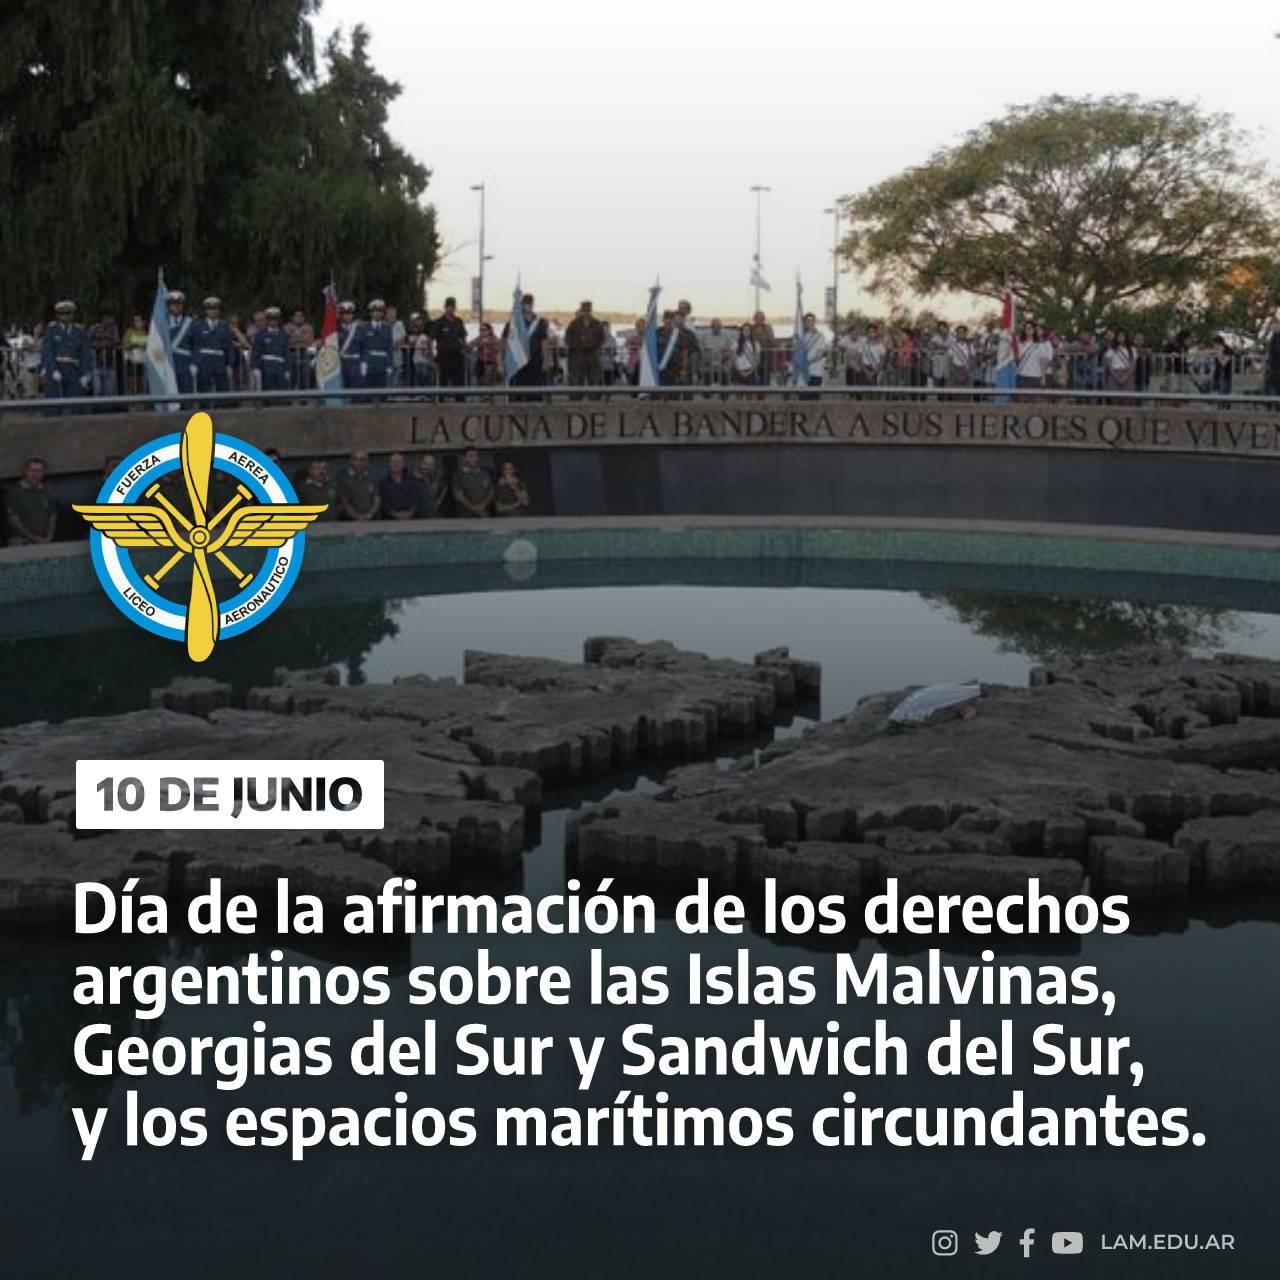 """10 DE JUNIO """"Día de la afirmación de los derechos argentinos sobre las Islas Malvinas, Georgias del Sur y Sandwich del Sur, y los espacios marítimos circundantes"""""""